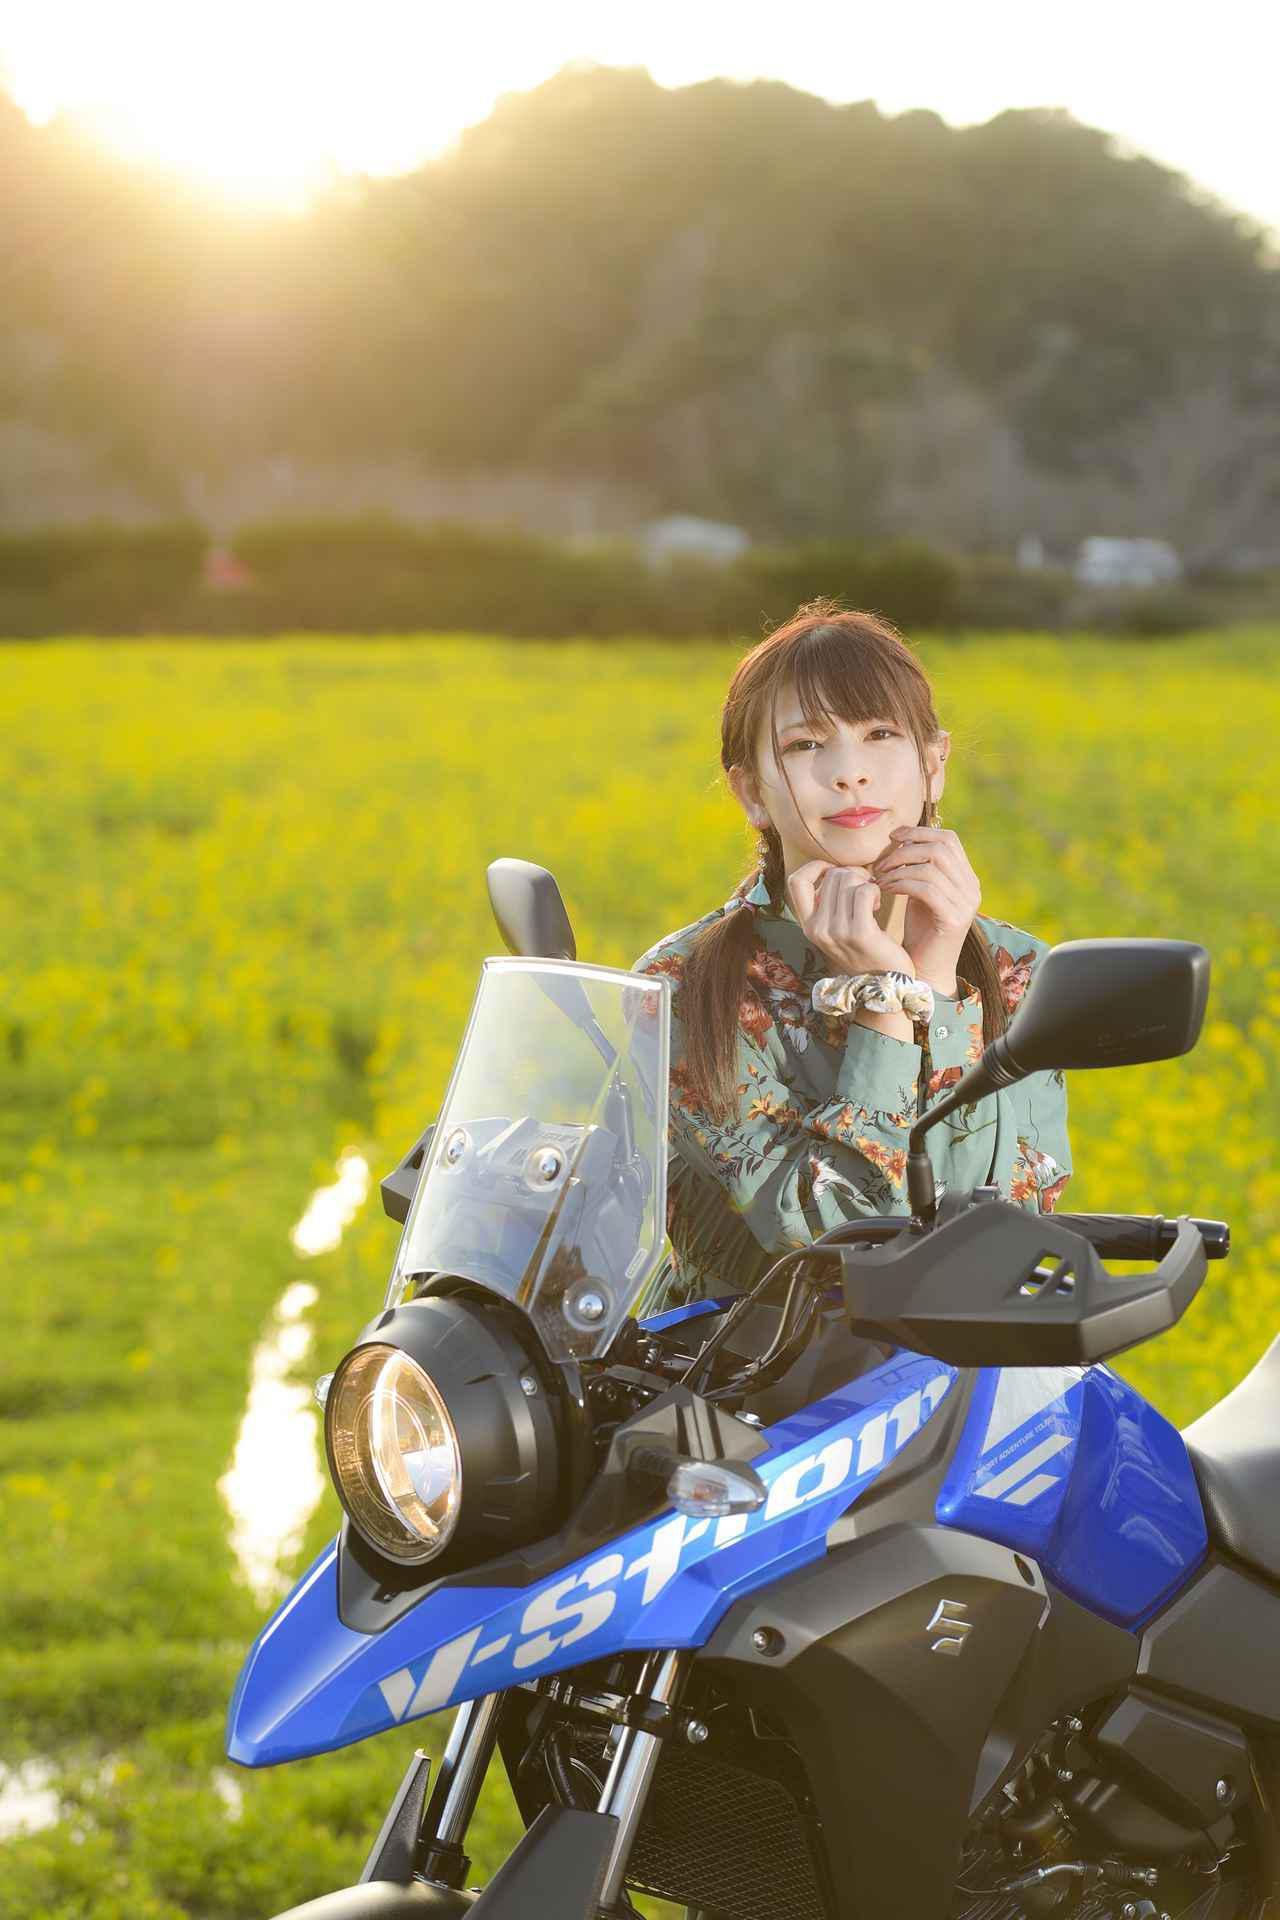 画像: 葉月美優×Vストローム250【PHOTO GRAVURE/SUZUKI V-Strom250】 - スズキのバイク!